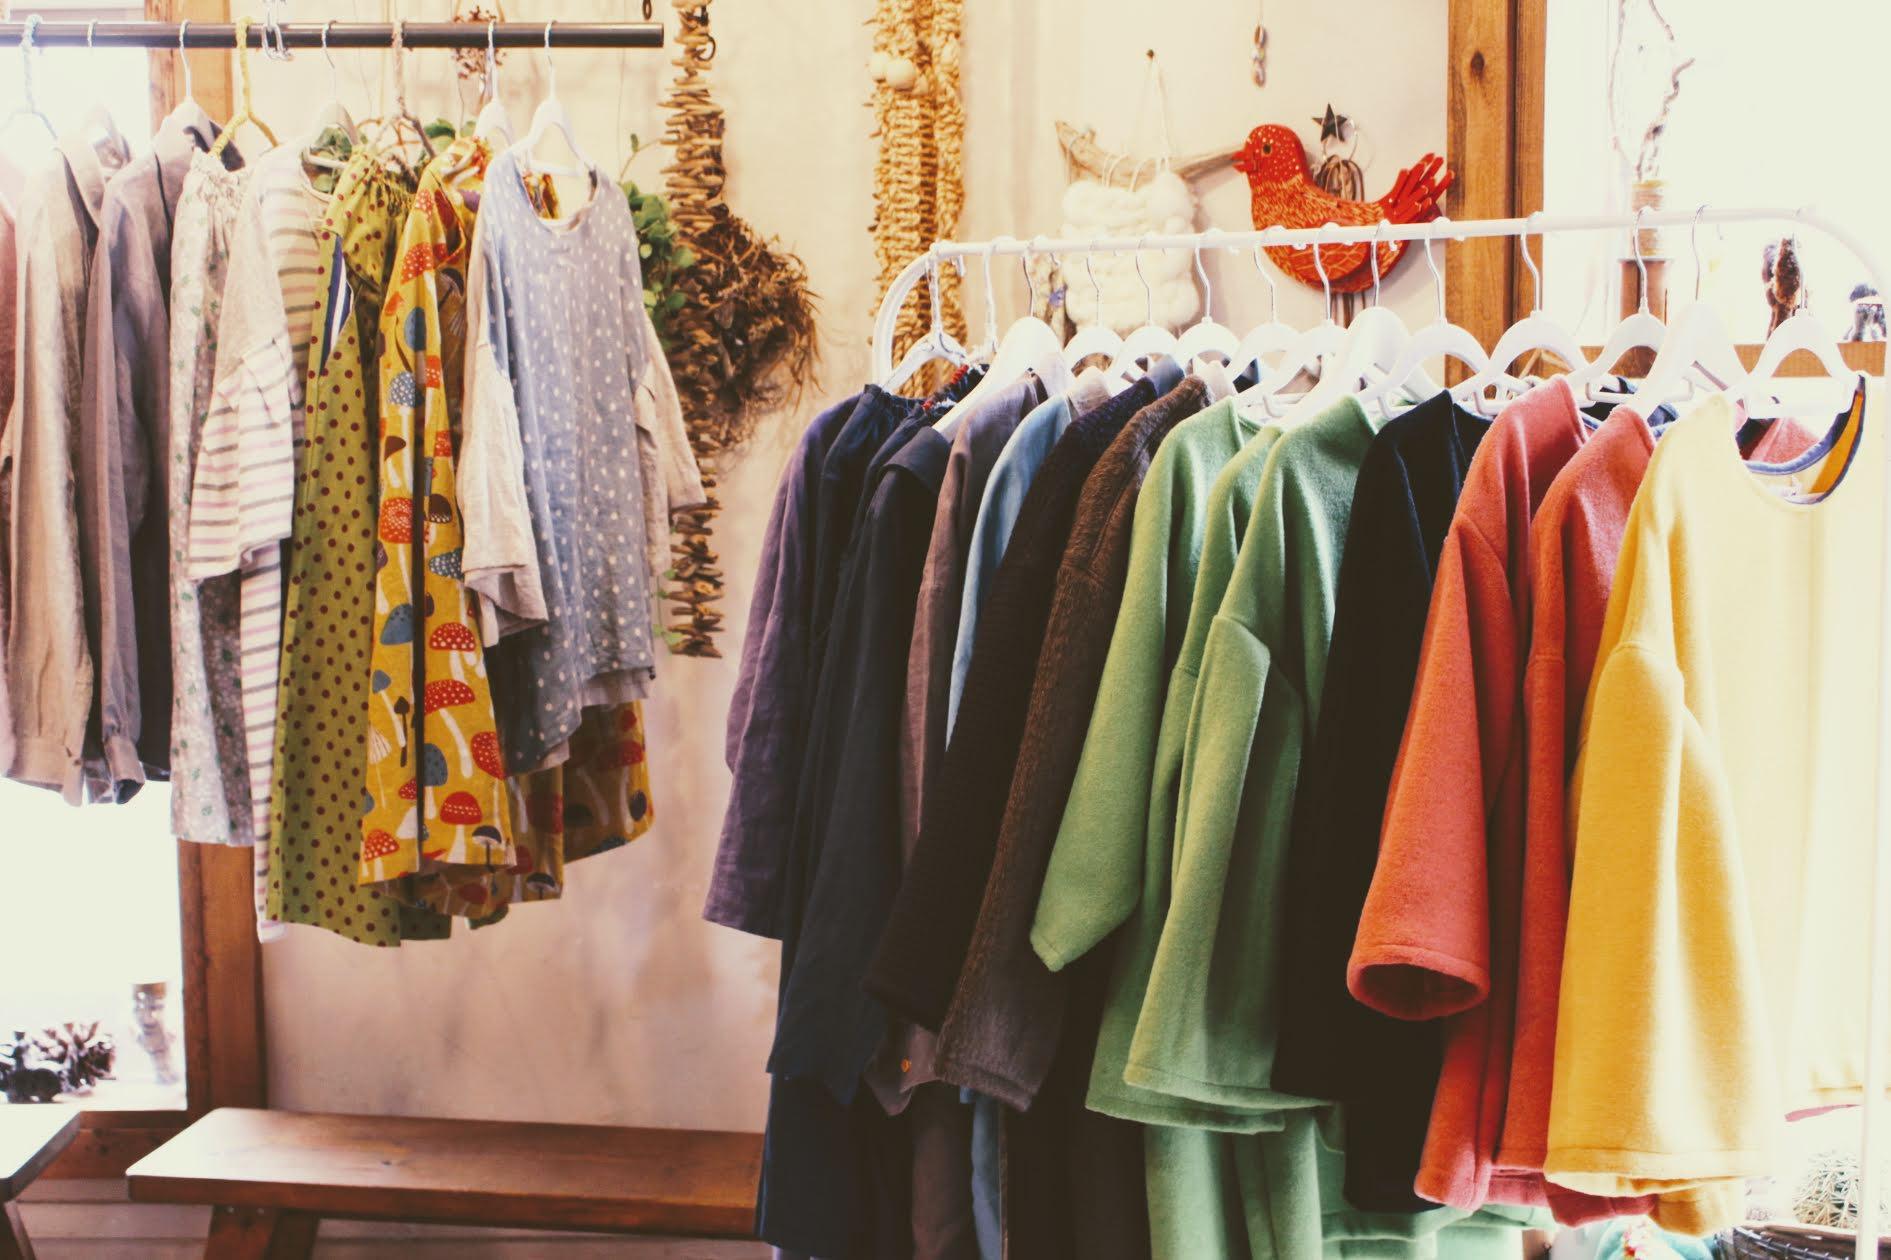 2日間の服袋イベントありがとうございました。次のイベントは、葉っぱ小屋さん7周年イベントです。